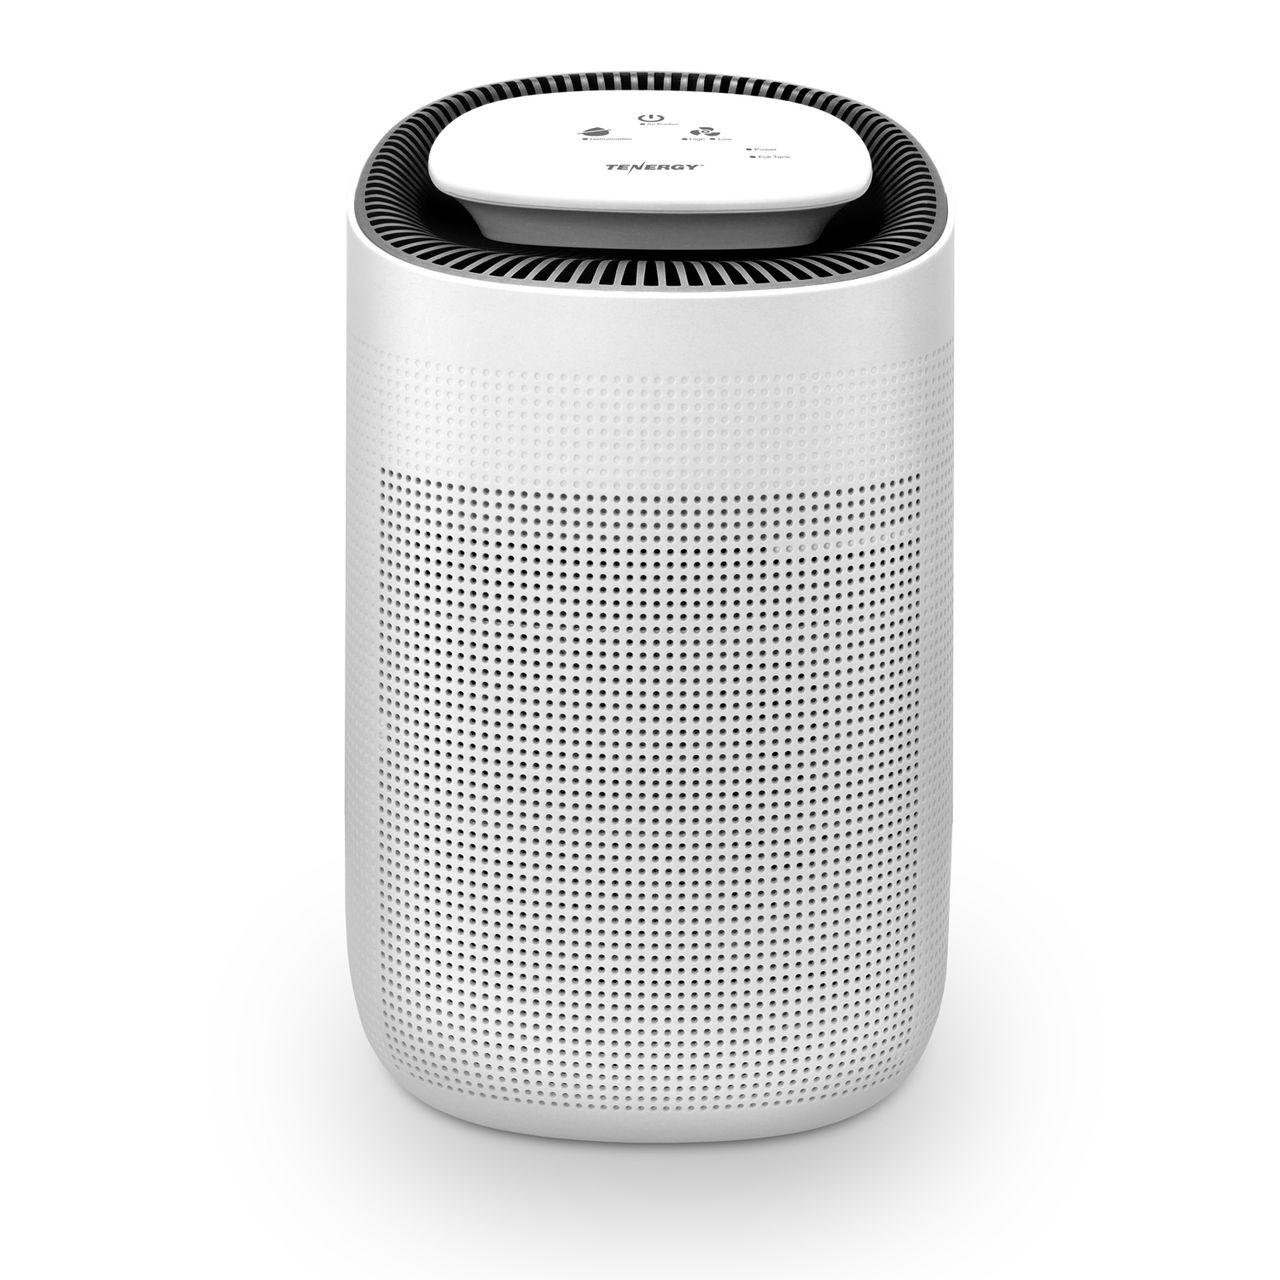 Sorbi 1000ml Air Dehumidifier and Air Purifier